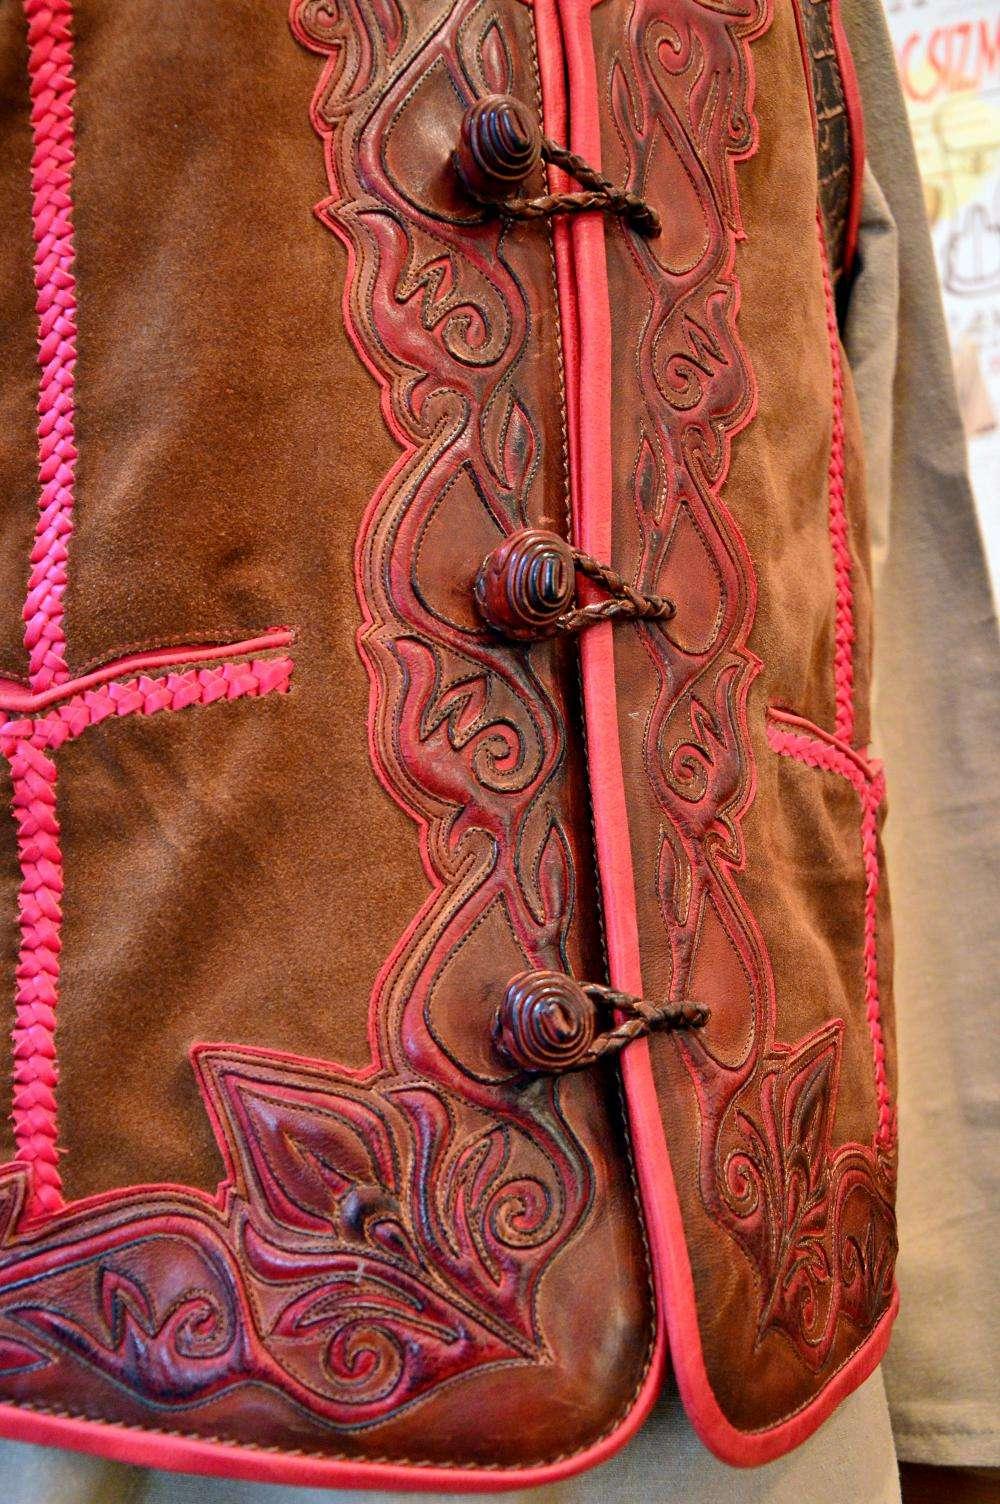 VÁRADI LÁSZLÓ ÉS VÁRADINÉ NAGY KATALIN bőrműves iparművészek Honfoglalás kori öltözetekből, kiegészí